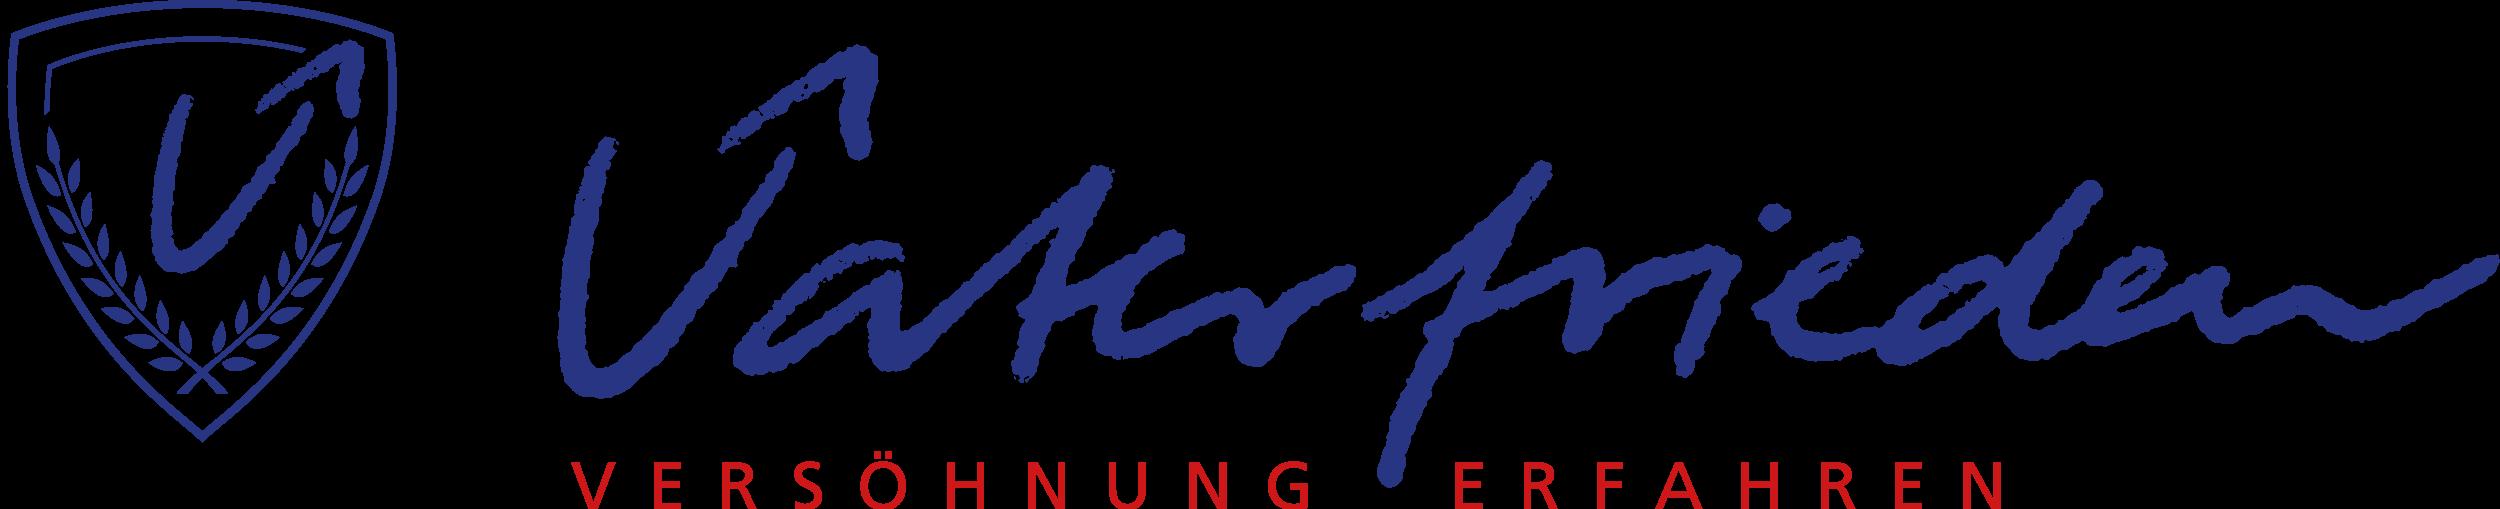 Vaterfrieden Logo_Slogan_Wappen_2021_Blau_RGB